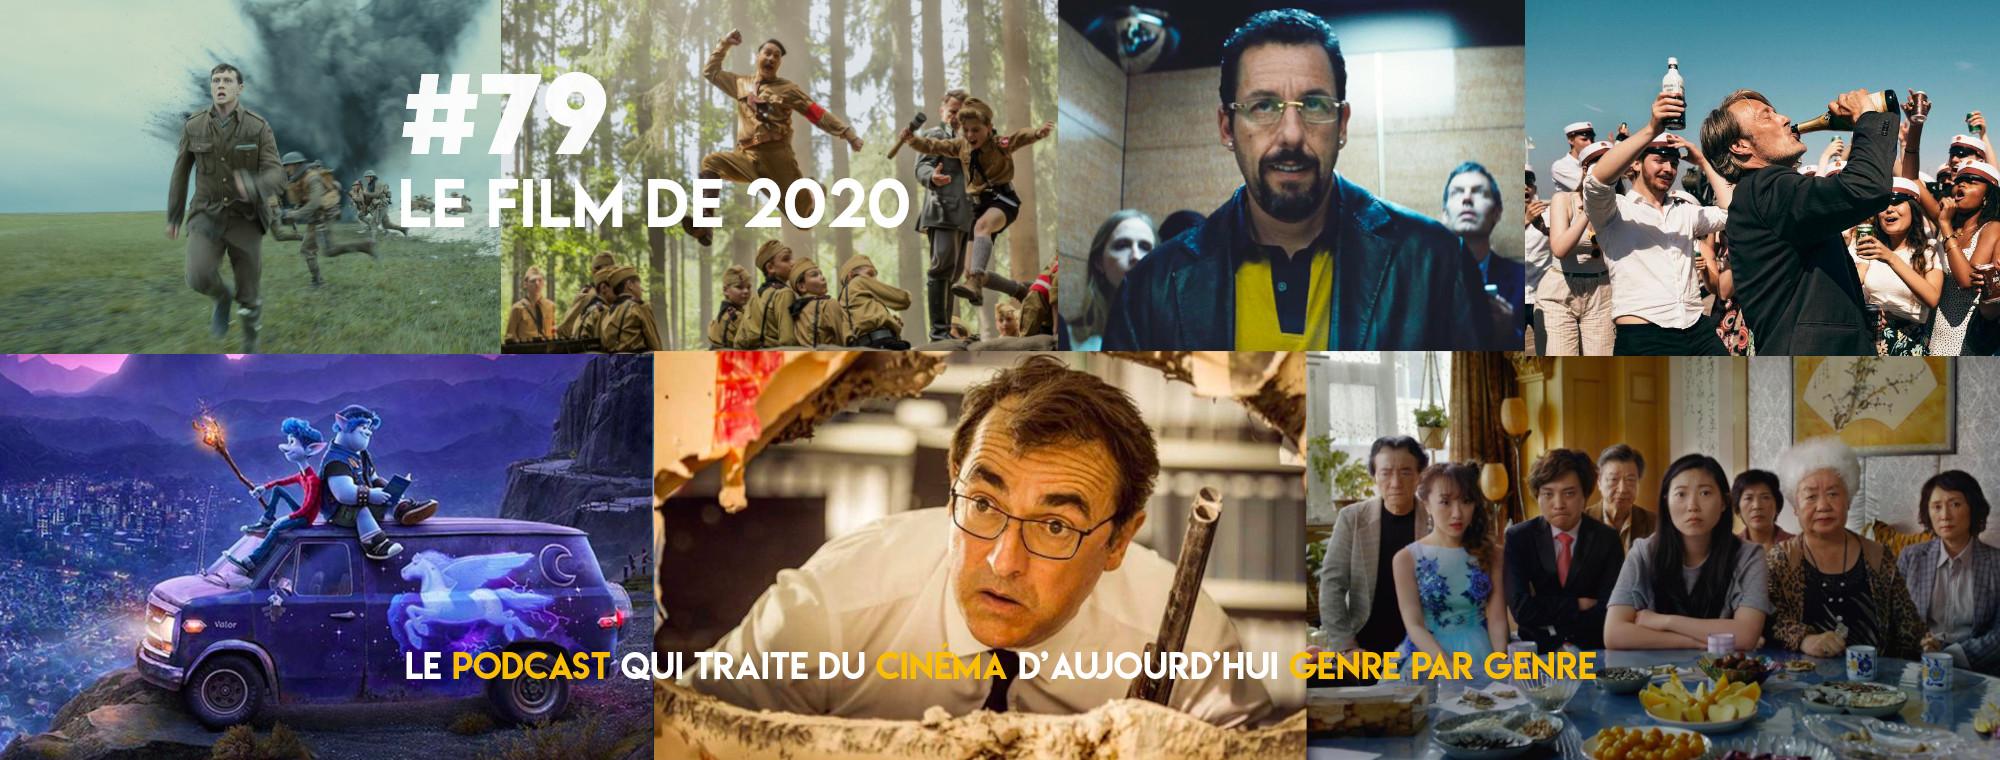 Parlons Péloches - #79 Le film de 2020